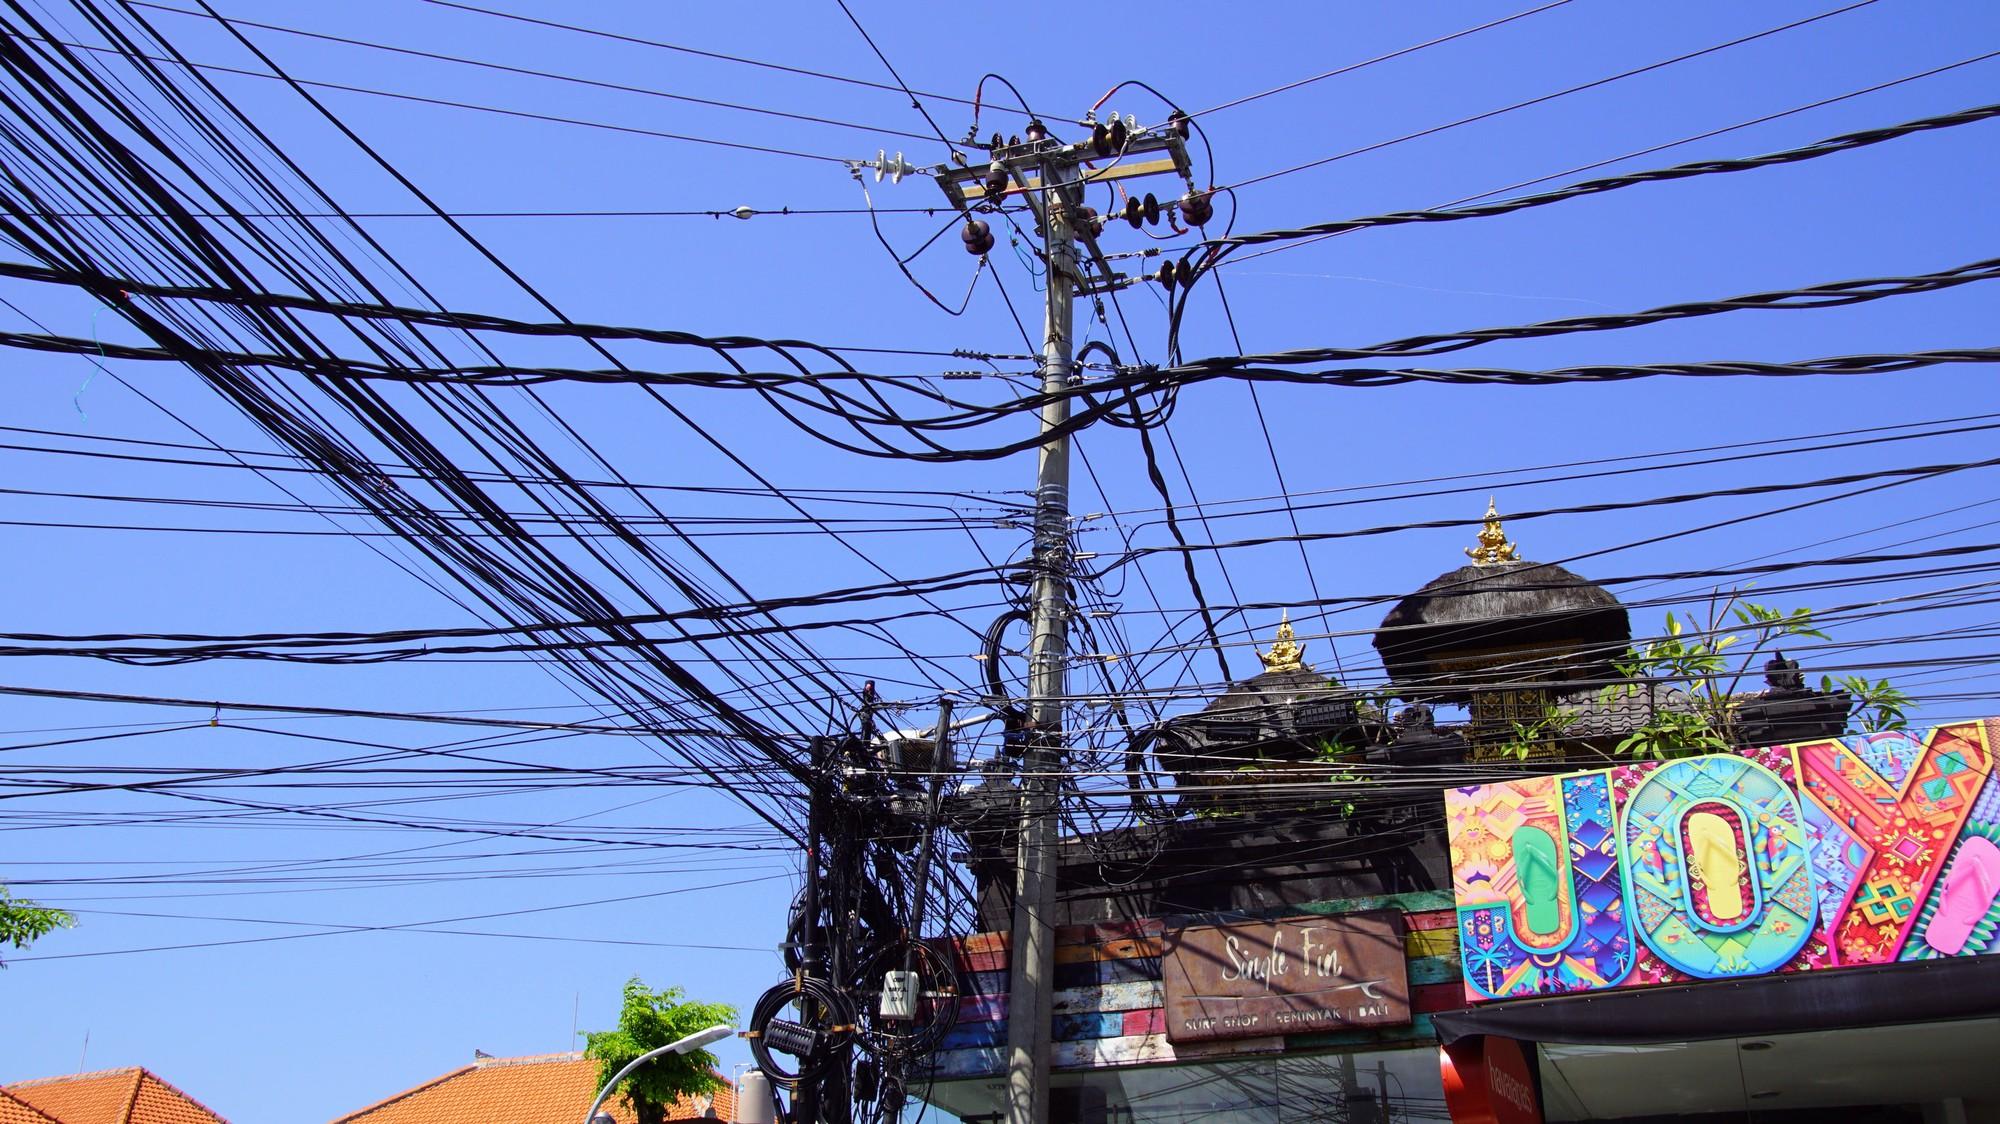 Gambar 3 Penampakan Kabel Listrik Tak Beraturan Di Bali.